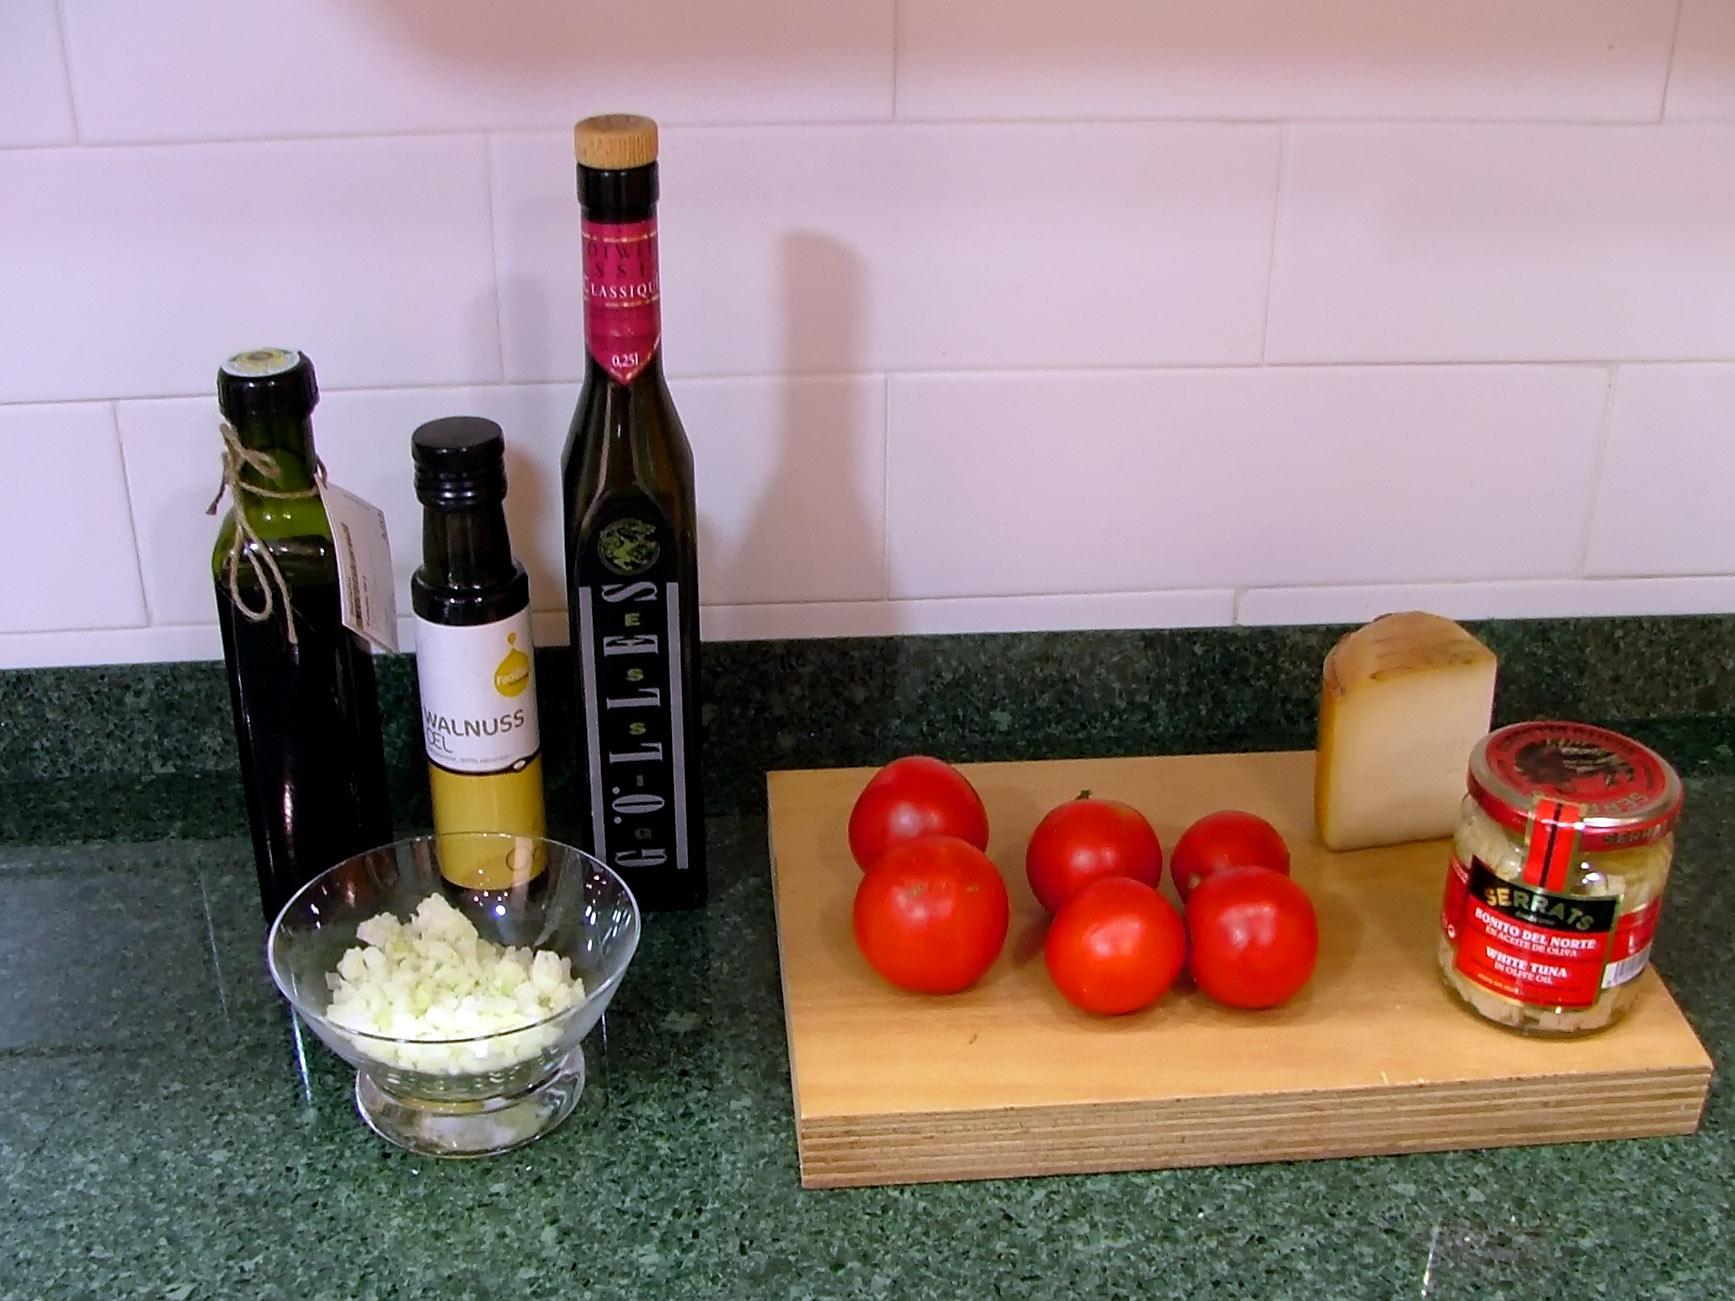 Tomatitos rellenos de bonito, con queso de Idiazabal